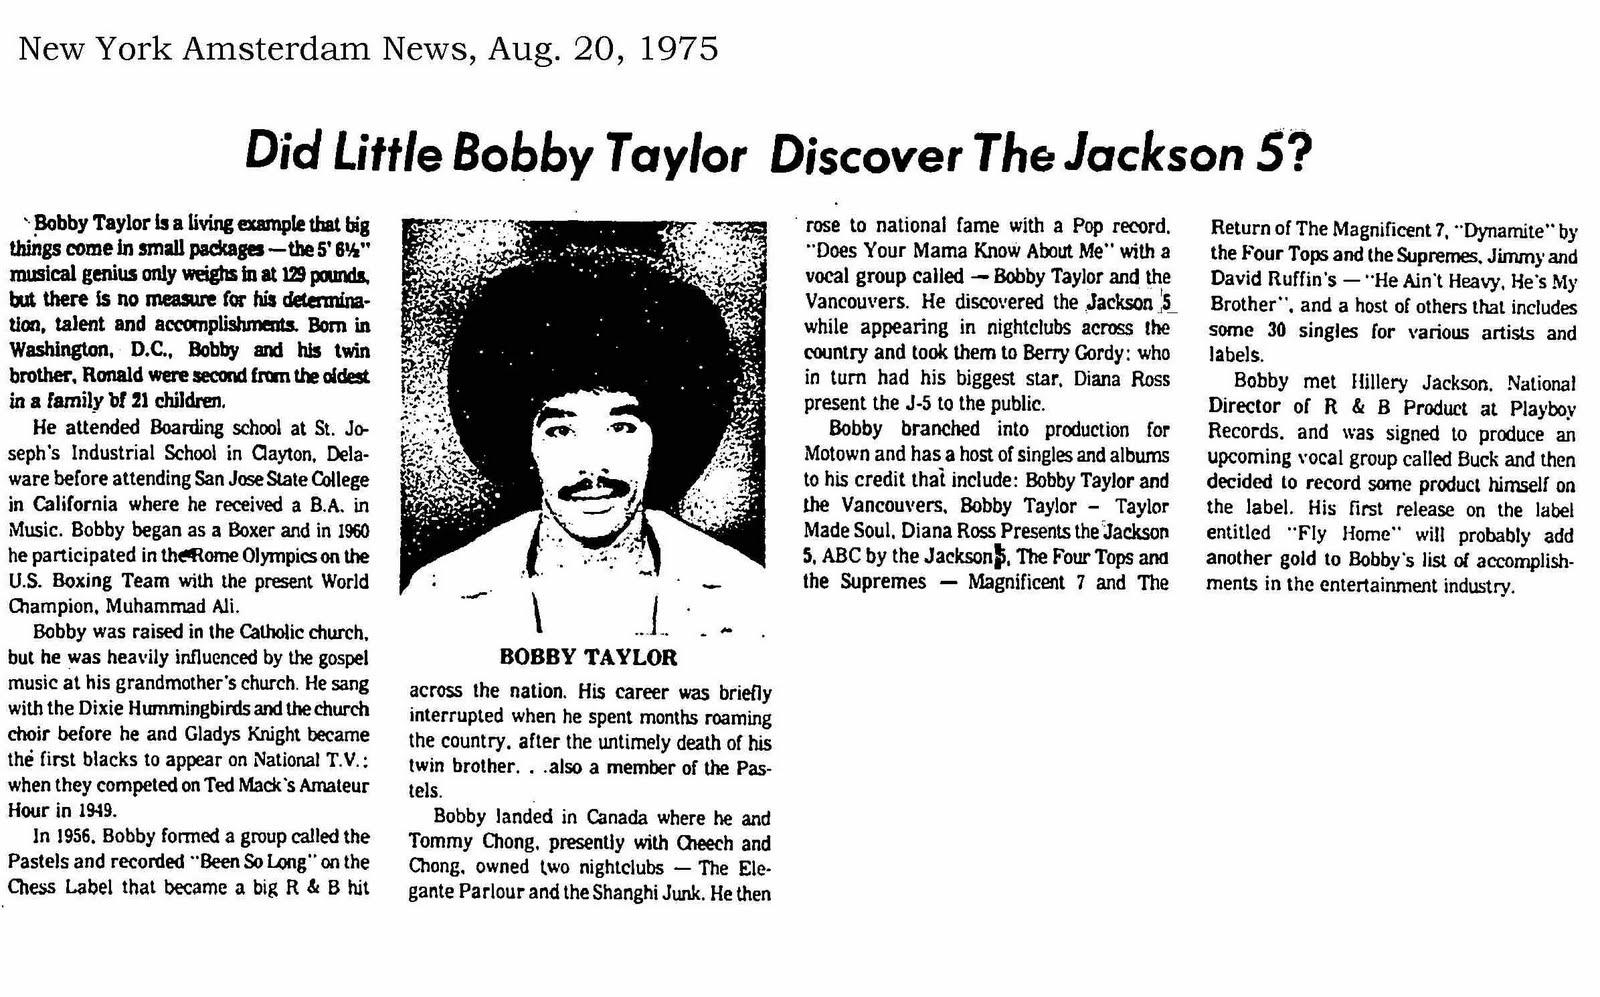 http://1.bp.blogspot.com/_ptF1HYX6svs/TCEdUxP6OQI/AAAAAAAAAlU/pGaL7wH85kc/s1600/1975+bobby+taylor.jpg